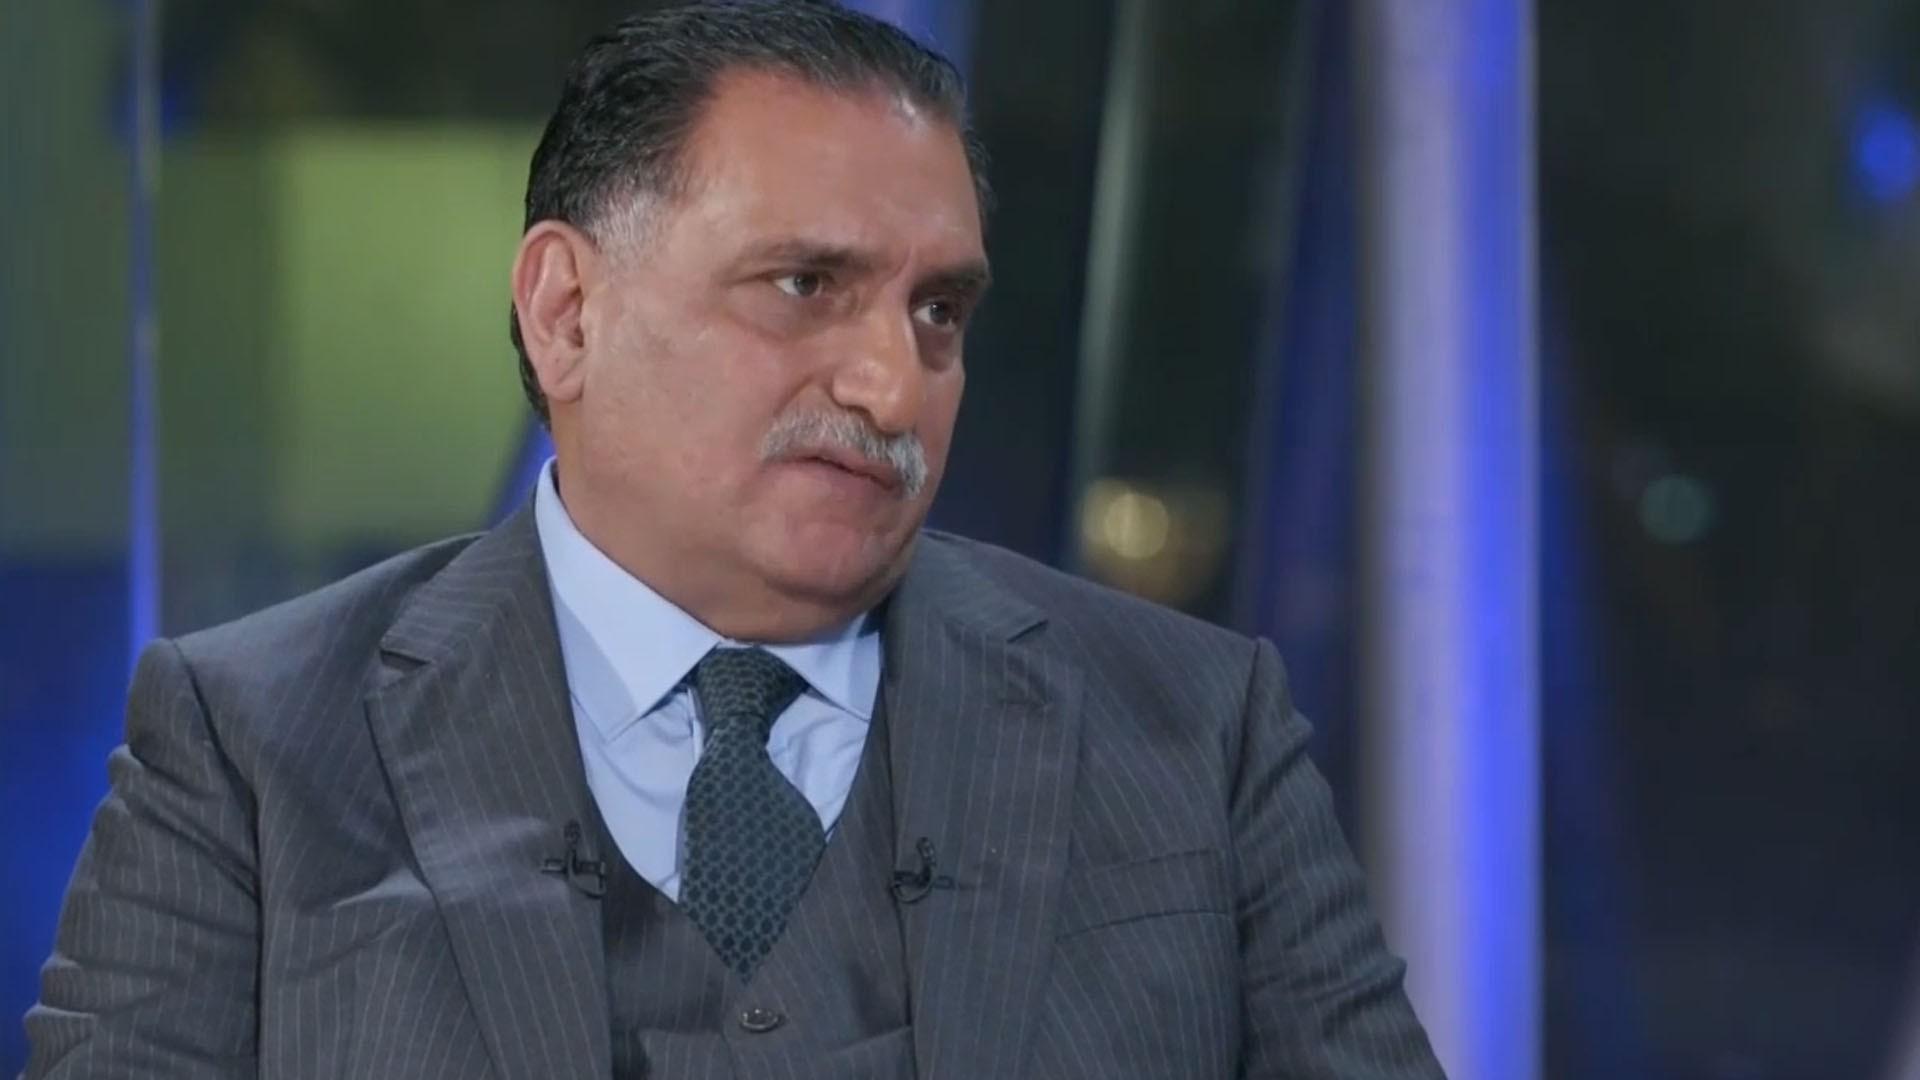 حديث-خاص-مع-المفكر-د.عزمي-بشارة-..-مآلات-التصعيد-الأميركي-الإيراني-ومستقبل-الملف-الليبي